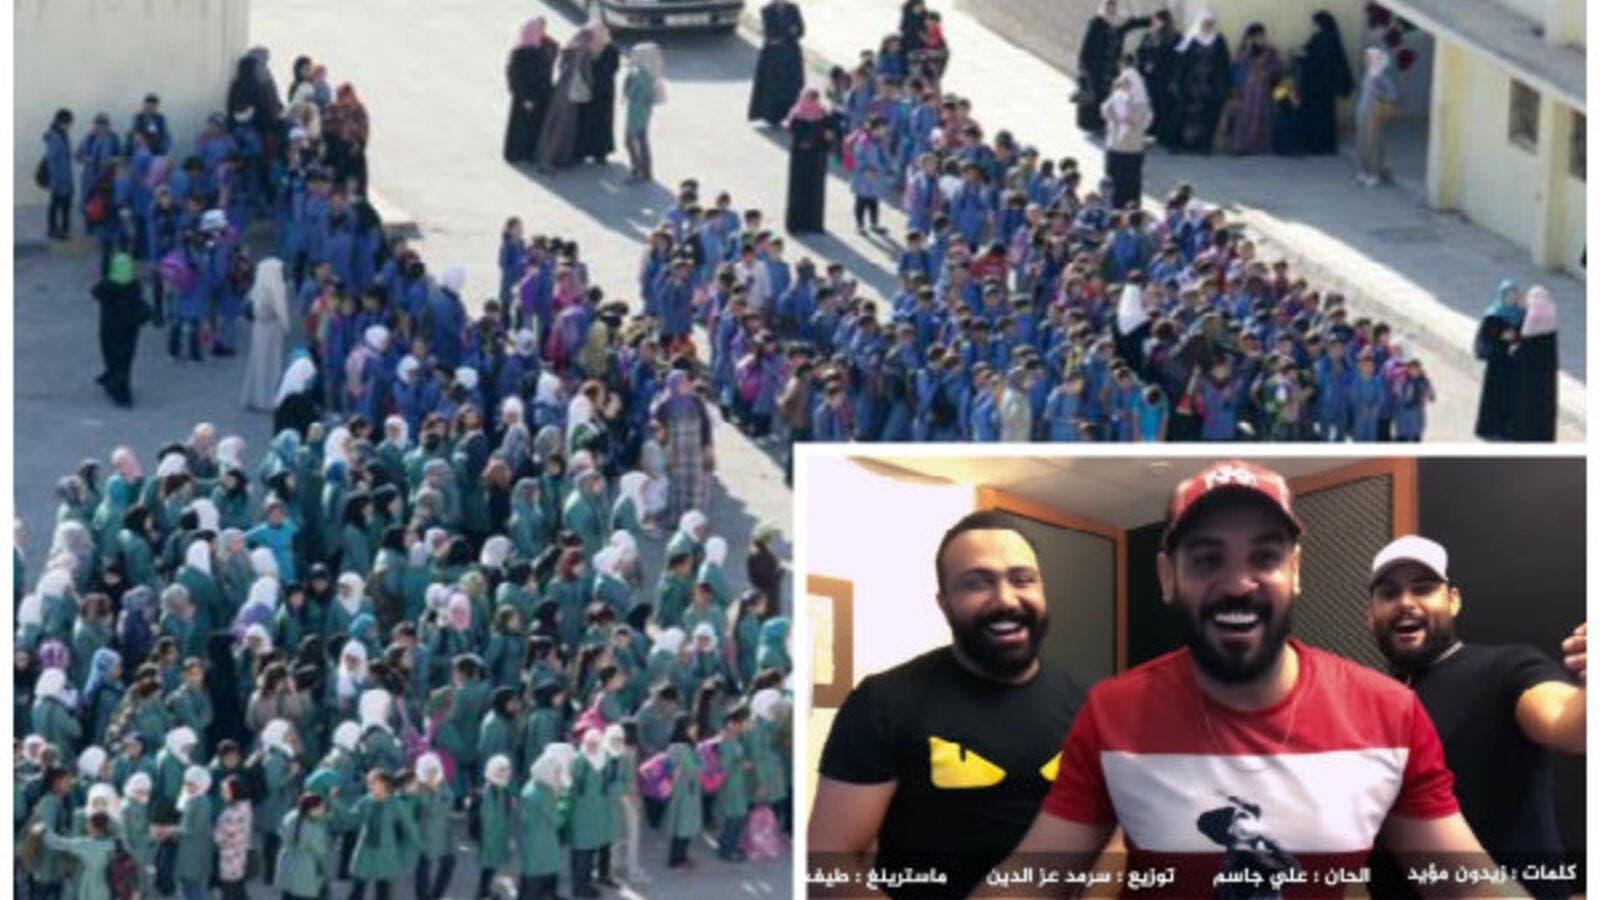 على أنغام تعال أشبعك حب طالبات يرقصن في ساحة مدرسة حكومية